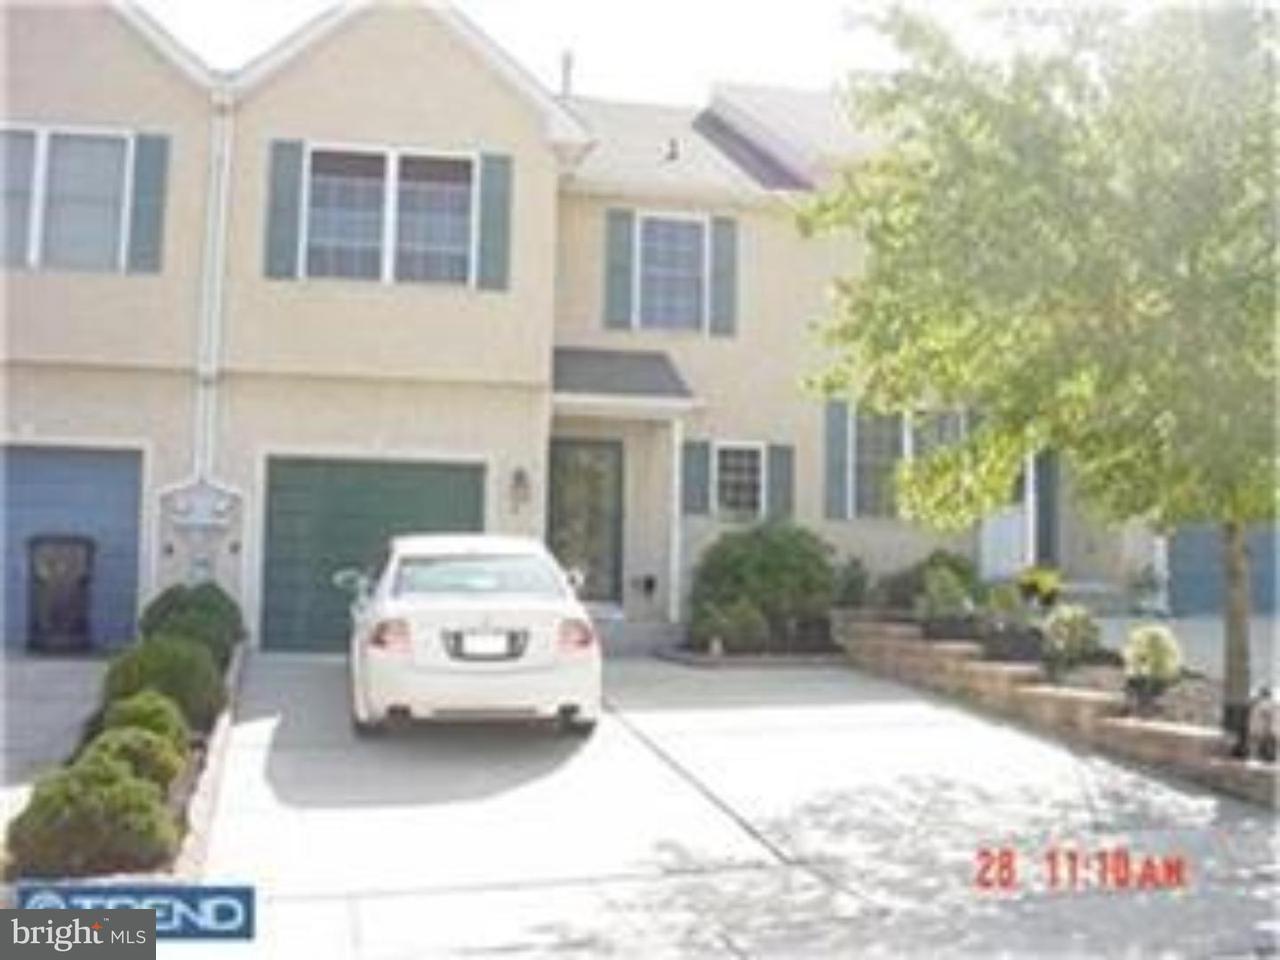 联栋屋 为 出租 在 6 MEADOW Court Sewell, 新泽西州 08080 美国